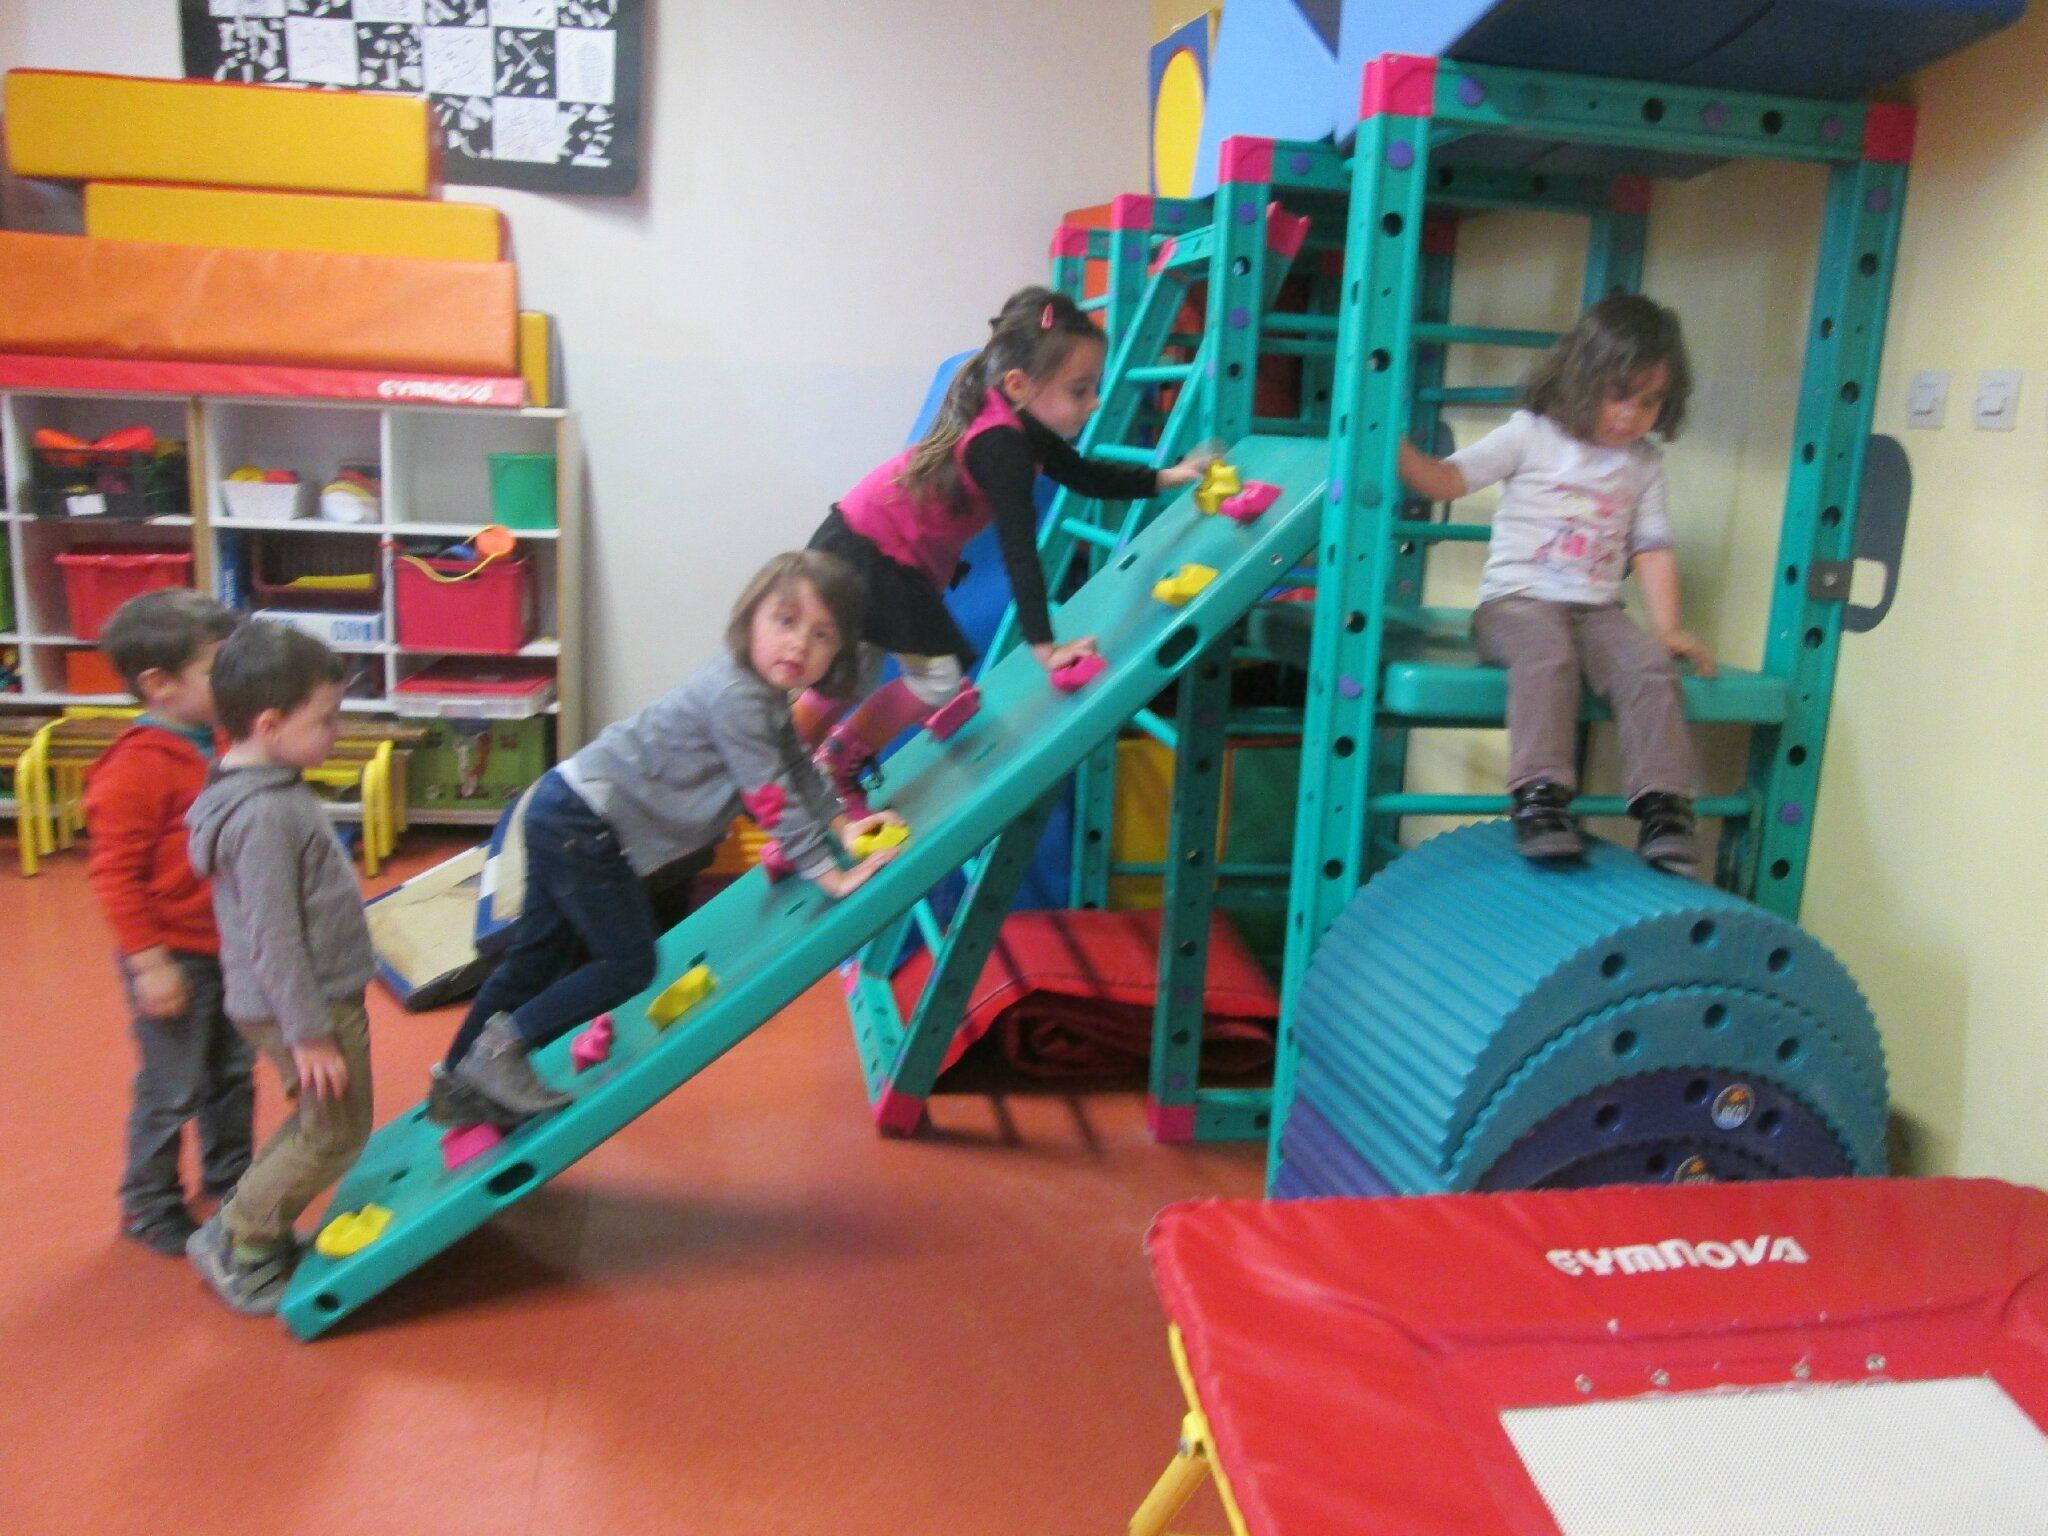 Fabulous Parcours de motricité - La maternelle de Vivi VR01